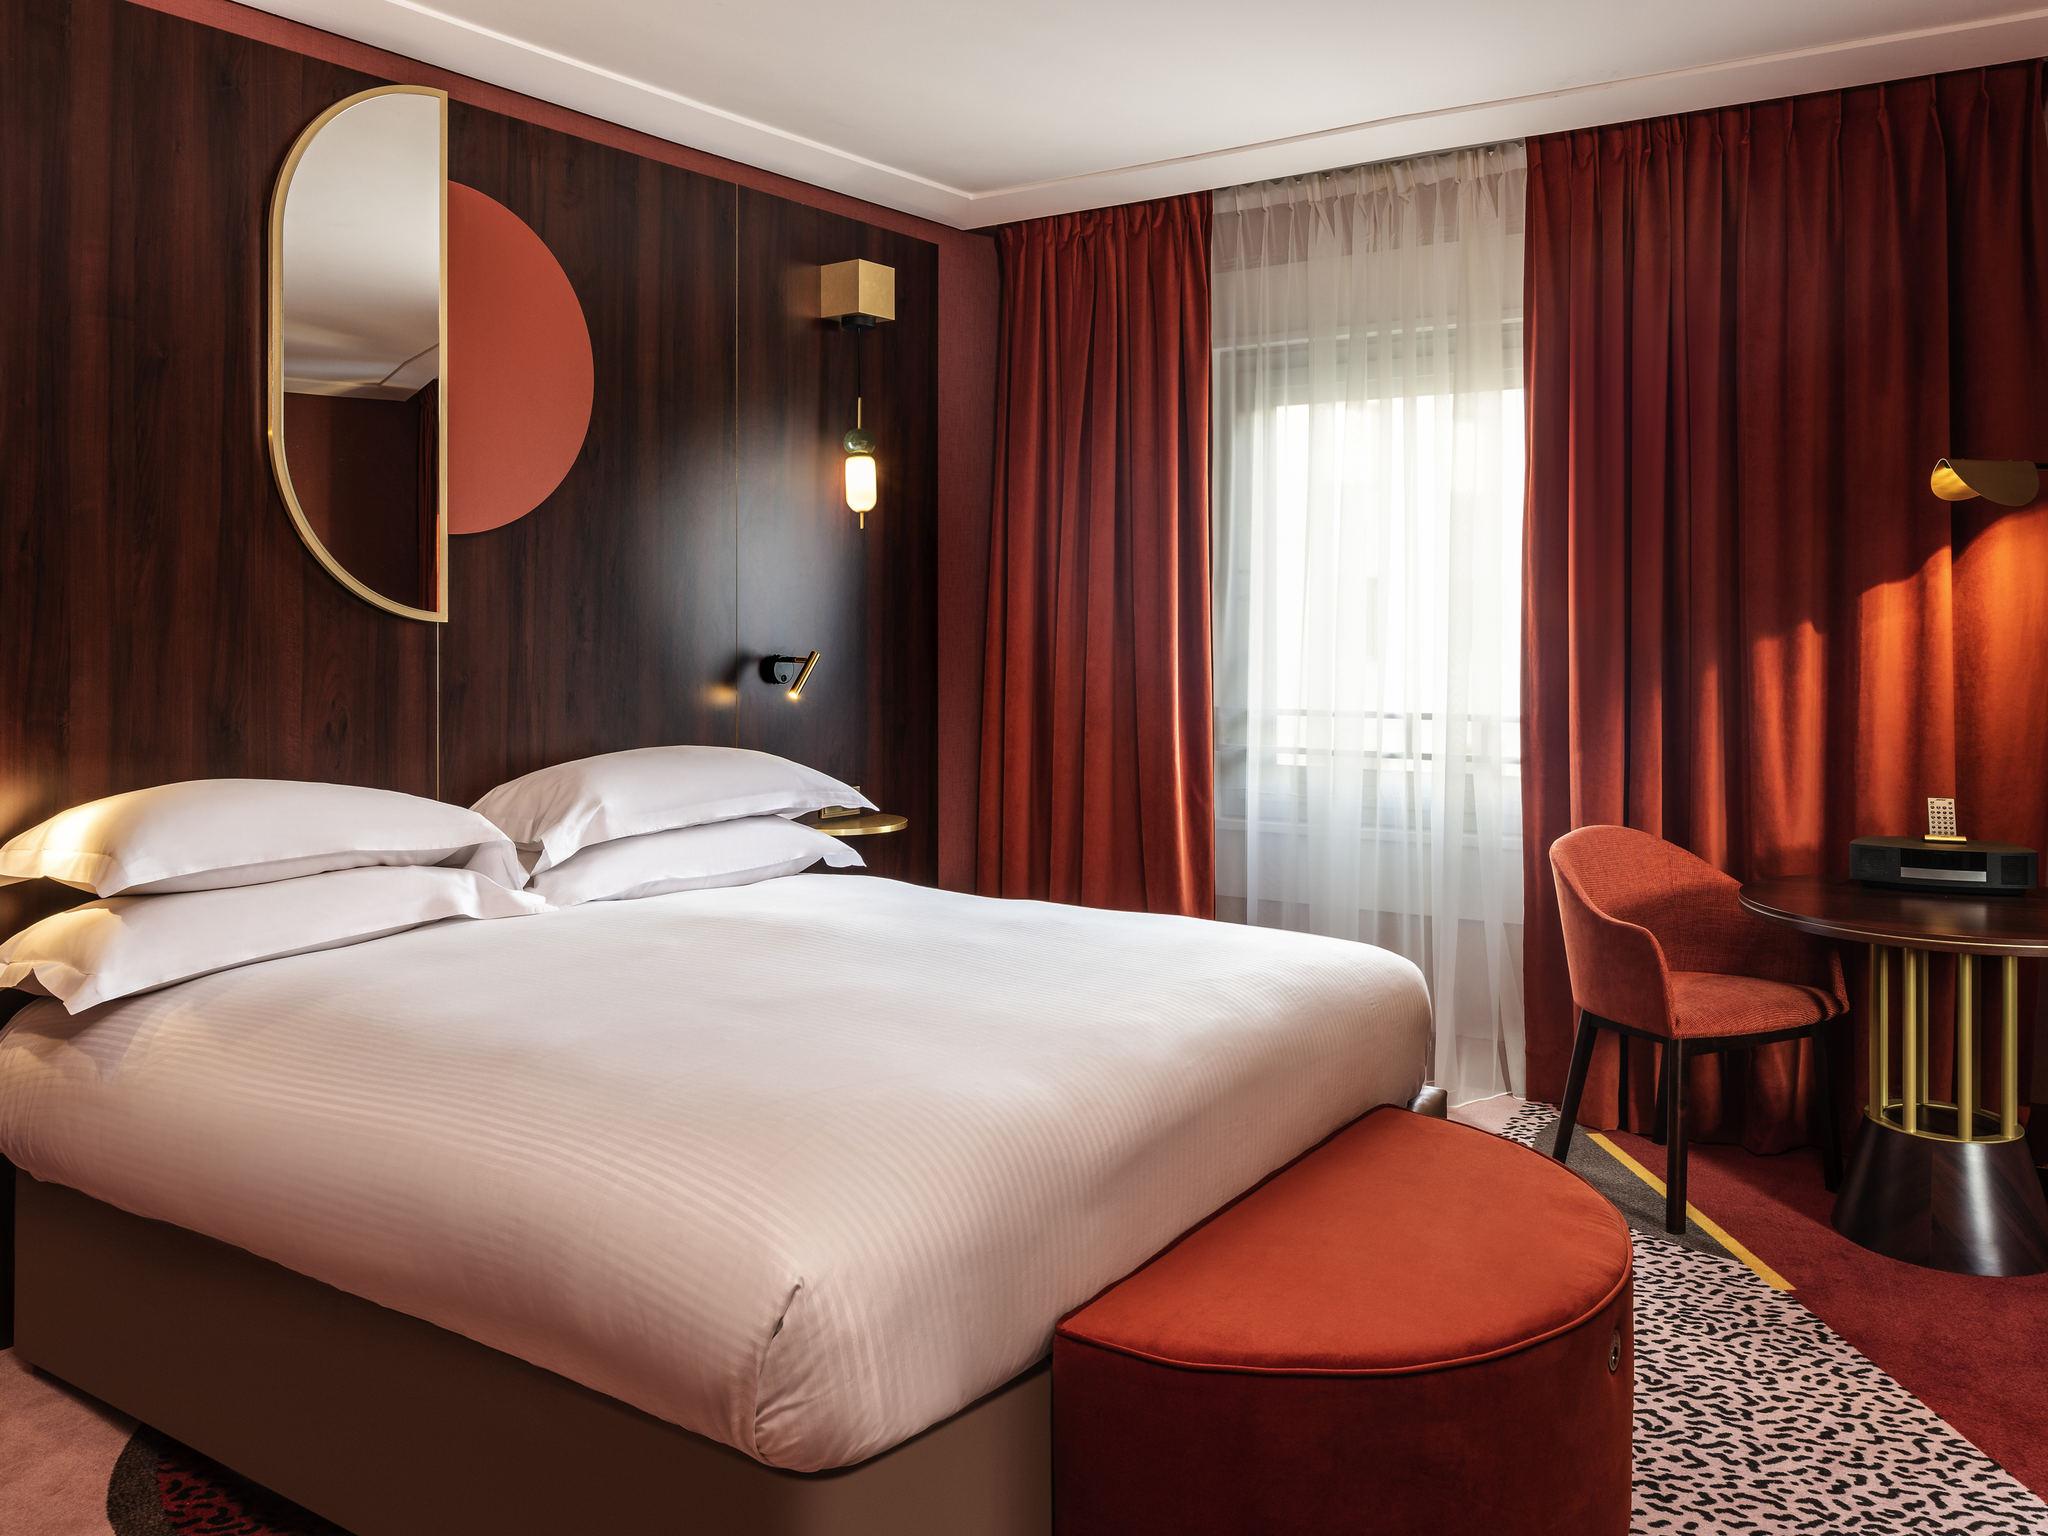 酒店 – 巴黎拉德芳斯索菲特酒店